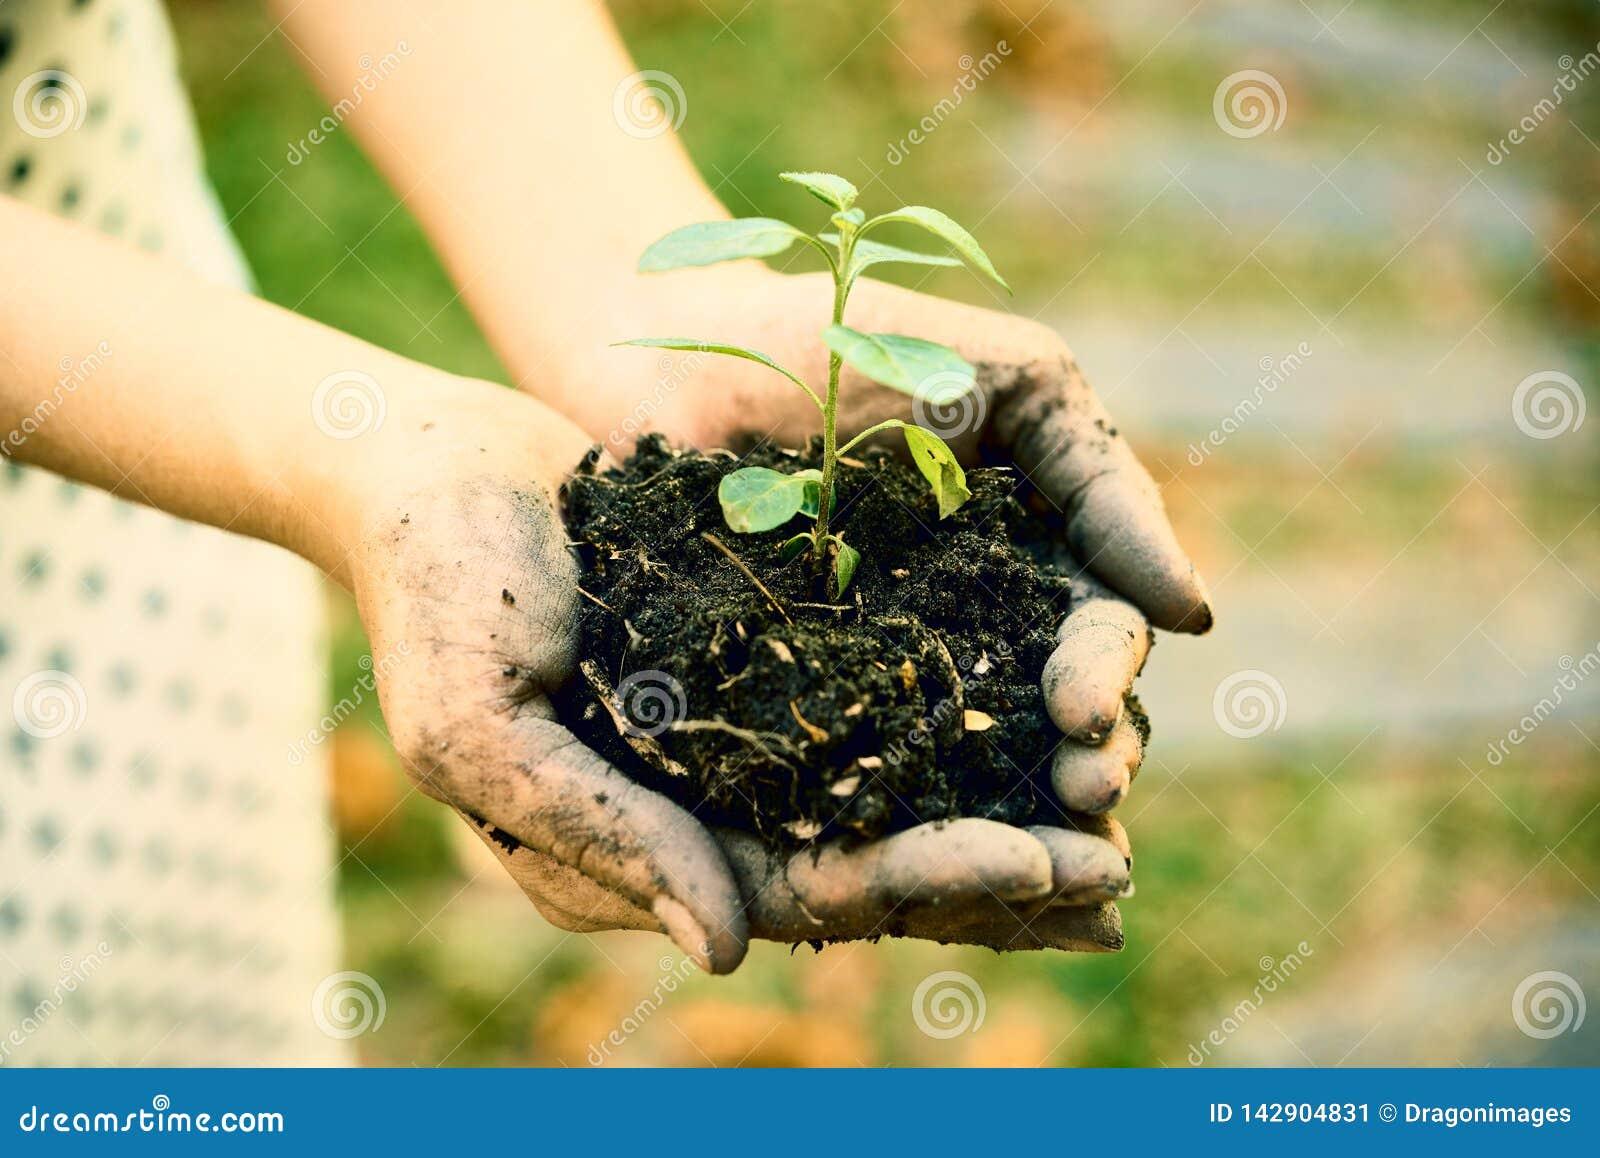 土壤和新芽